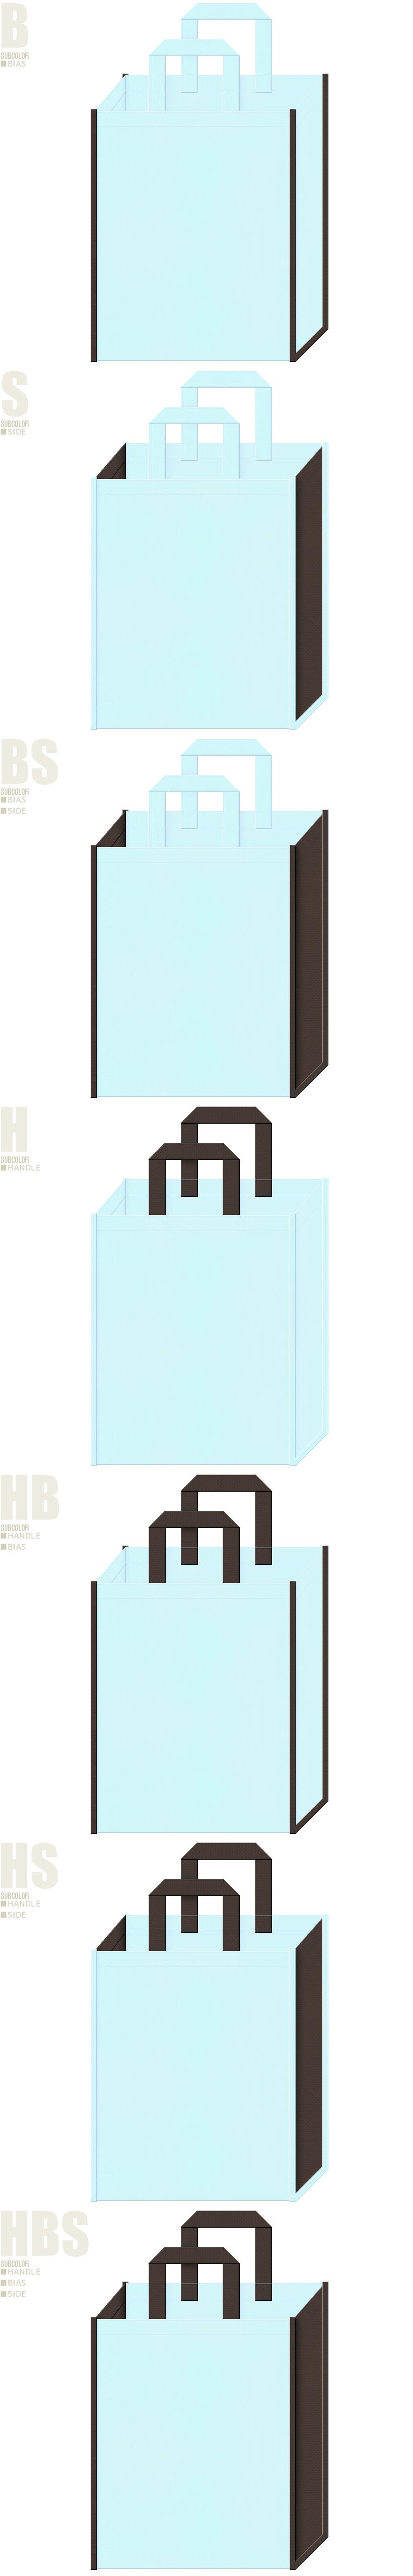 水色とこげ茶色-7パターンの不織布トートバッグ配色デザイン例:ミントチョコ風の配色です。